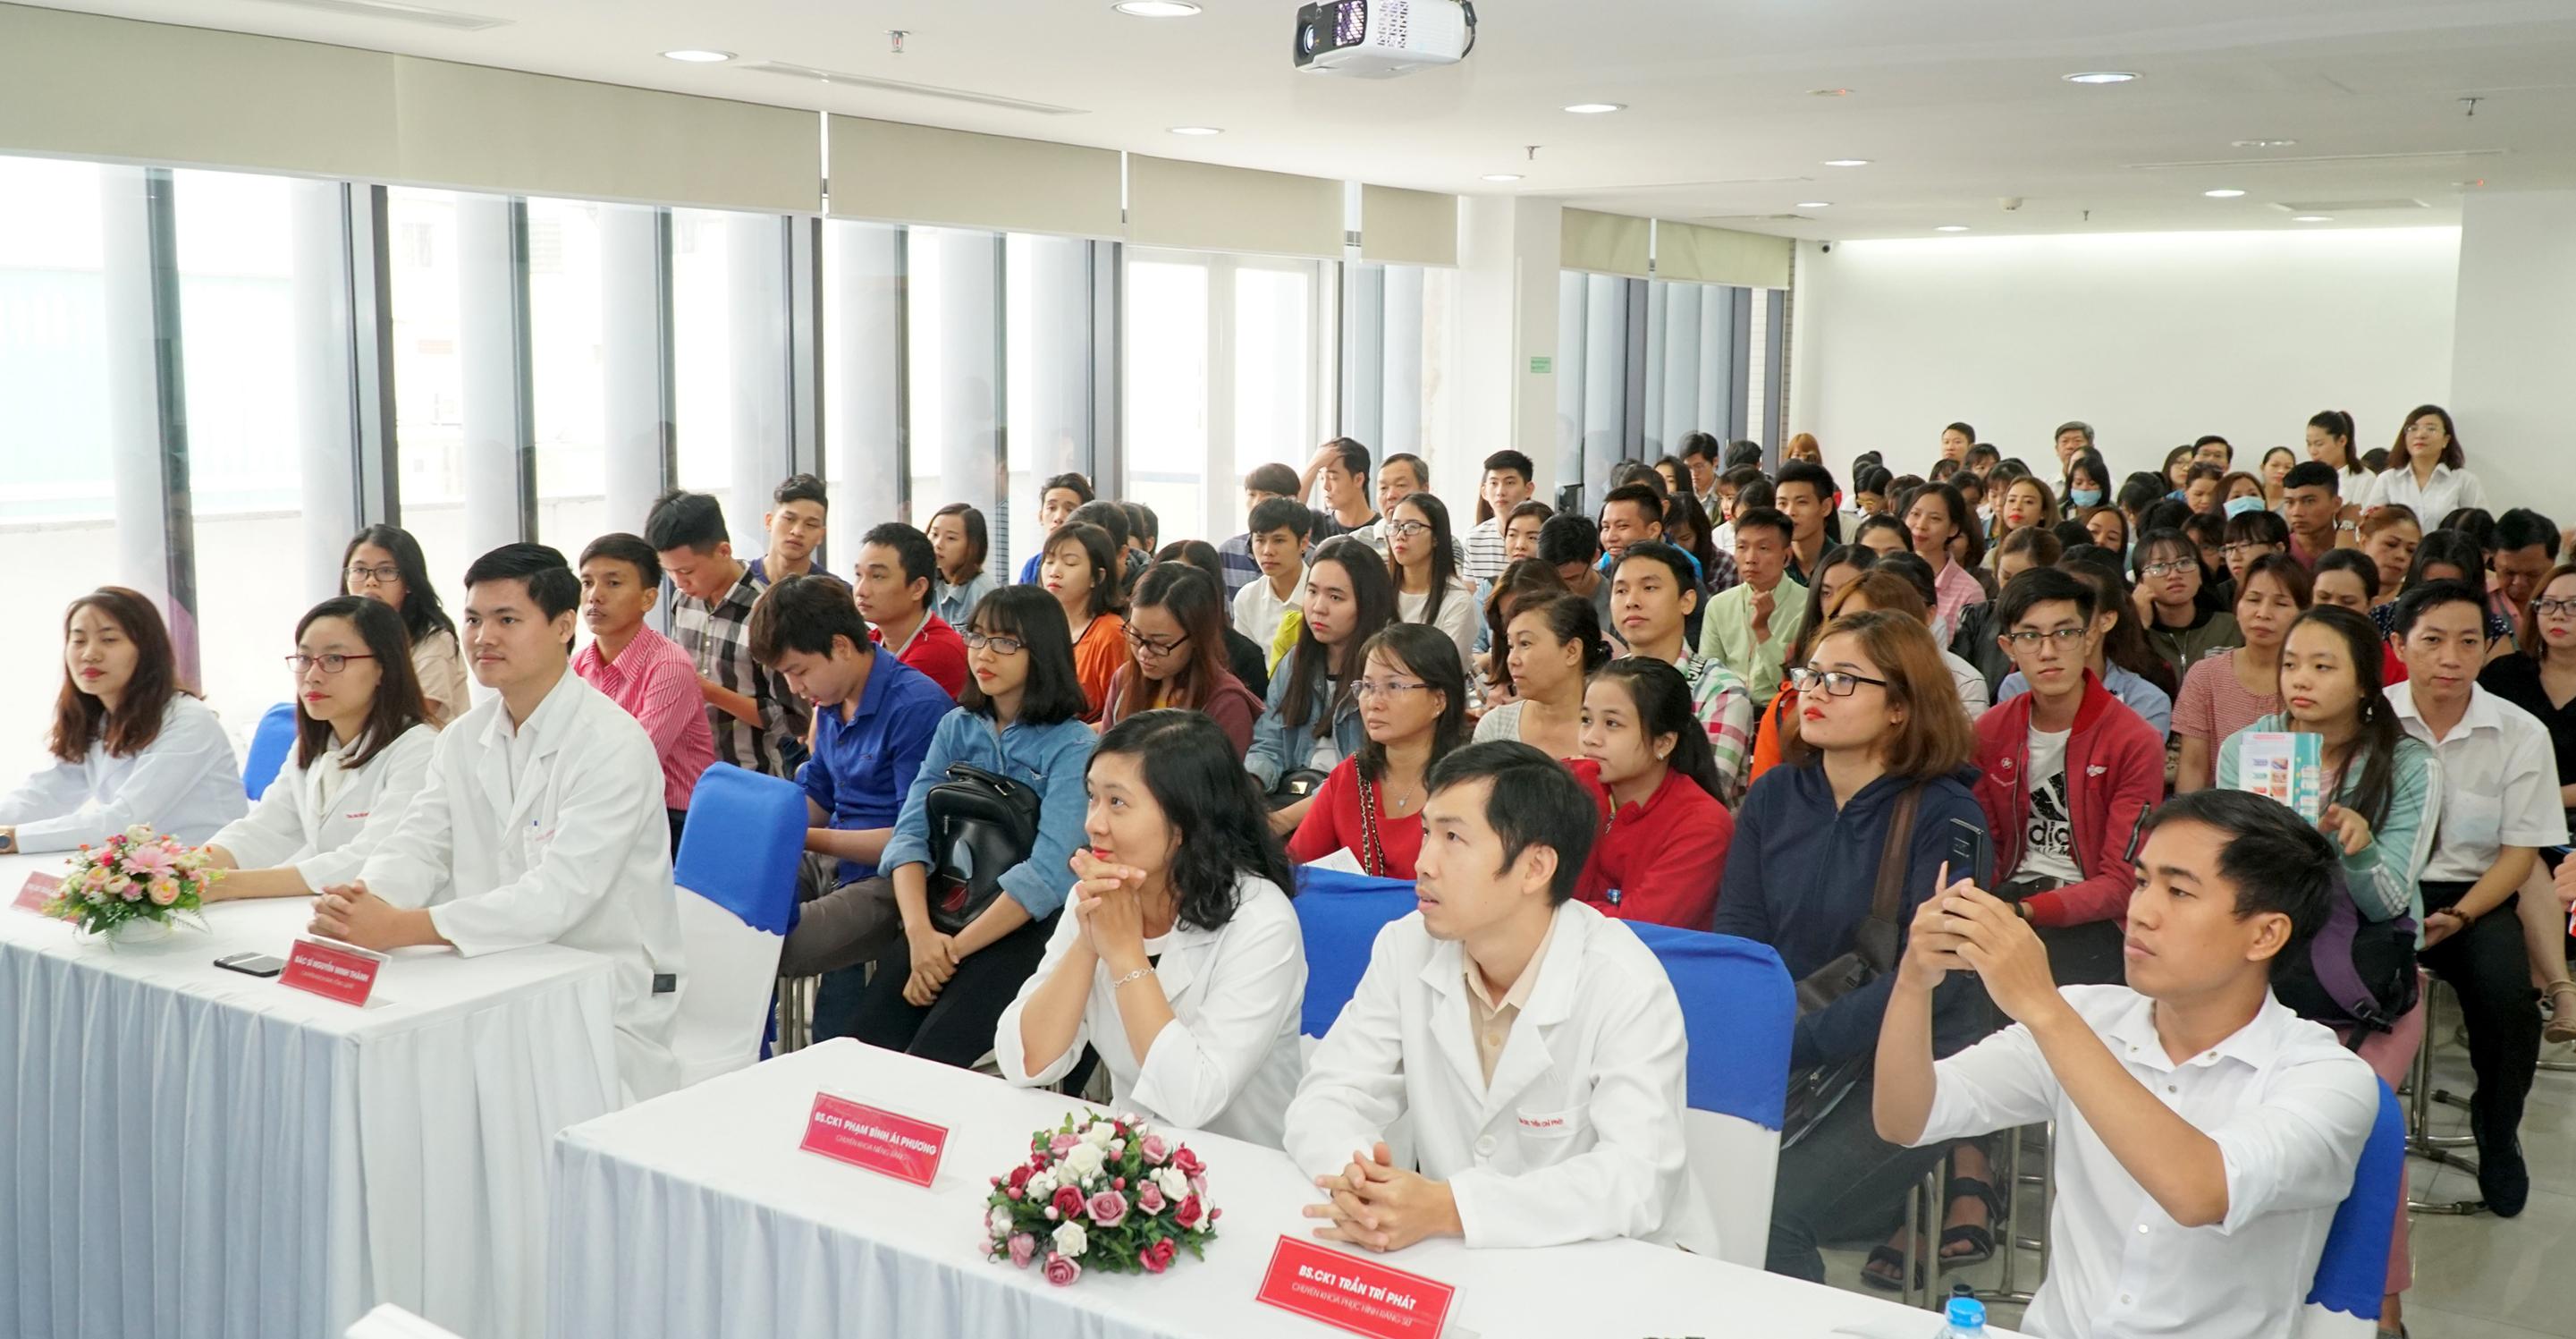 """Đông đảo khách hàng hào hứng trong hội thảo Nha khoa về vấn đề """"Giải pháp mới trong điều trị bệnh lý răng miệng"""" tại JW"""